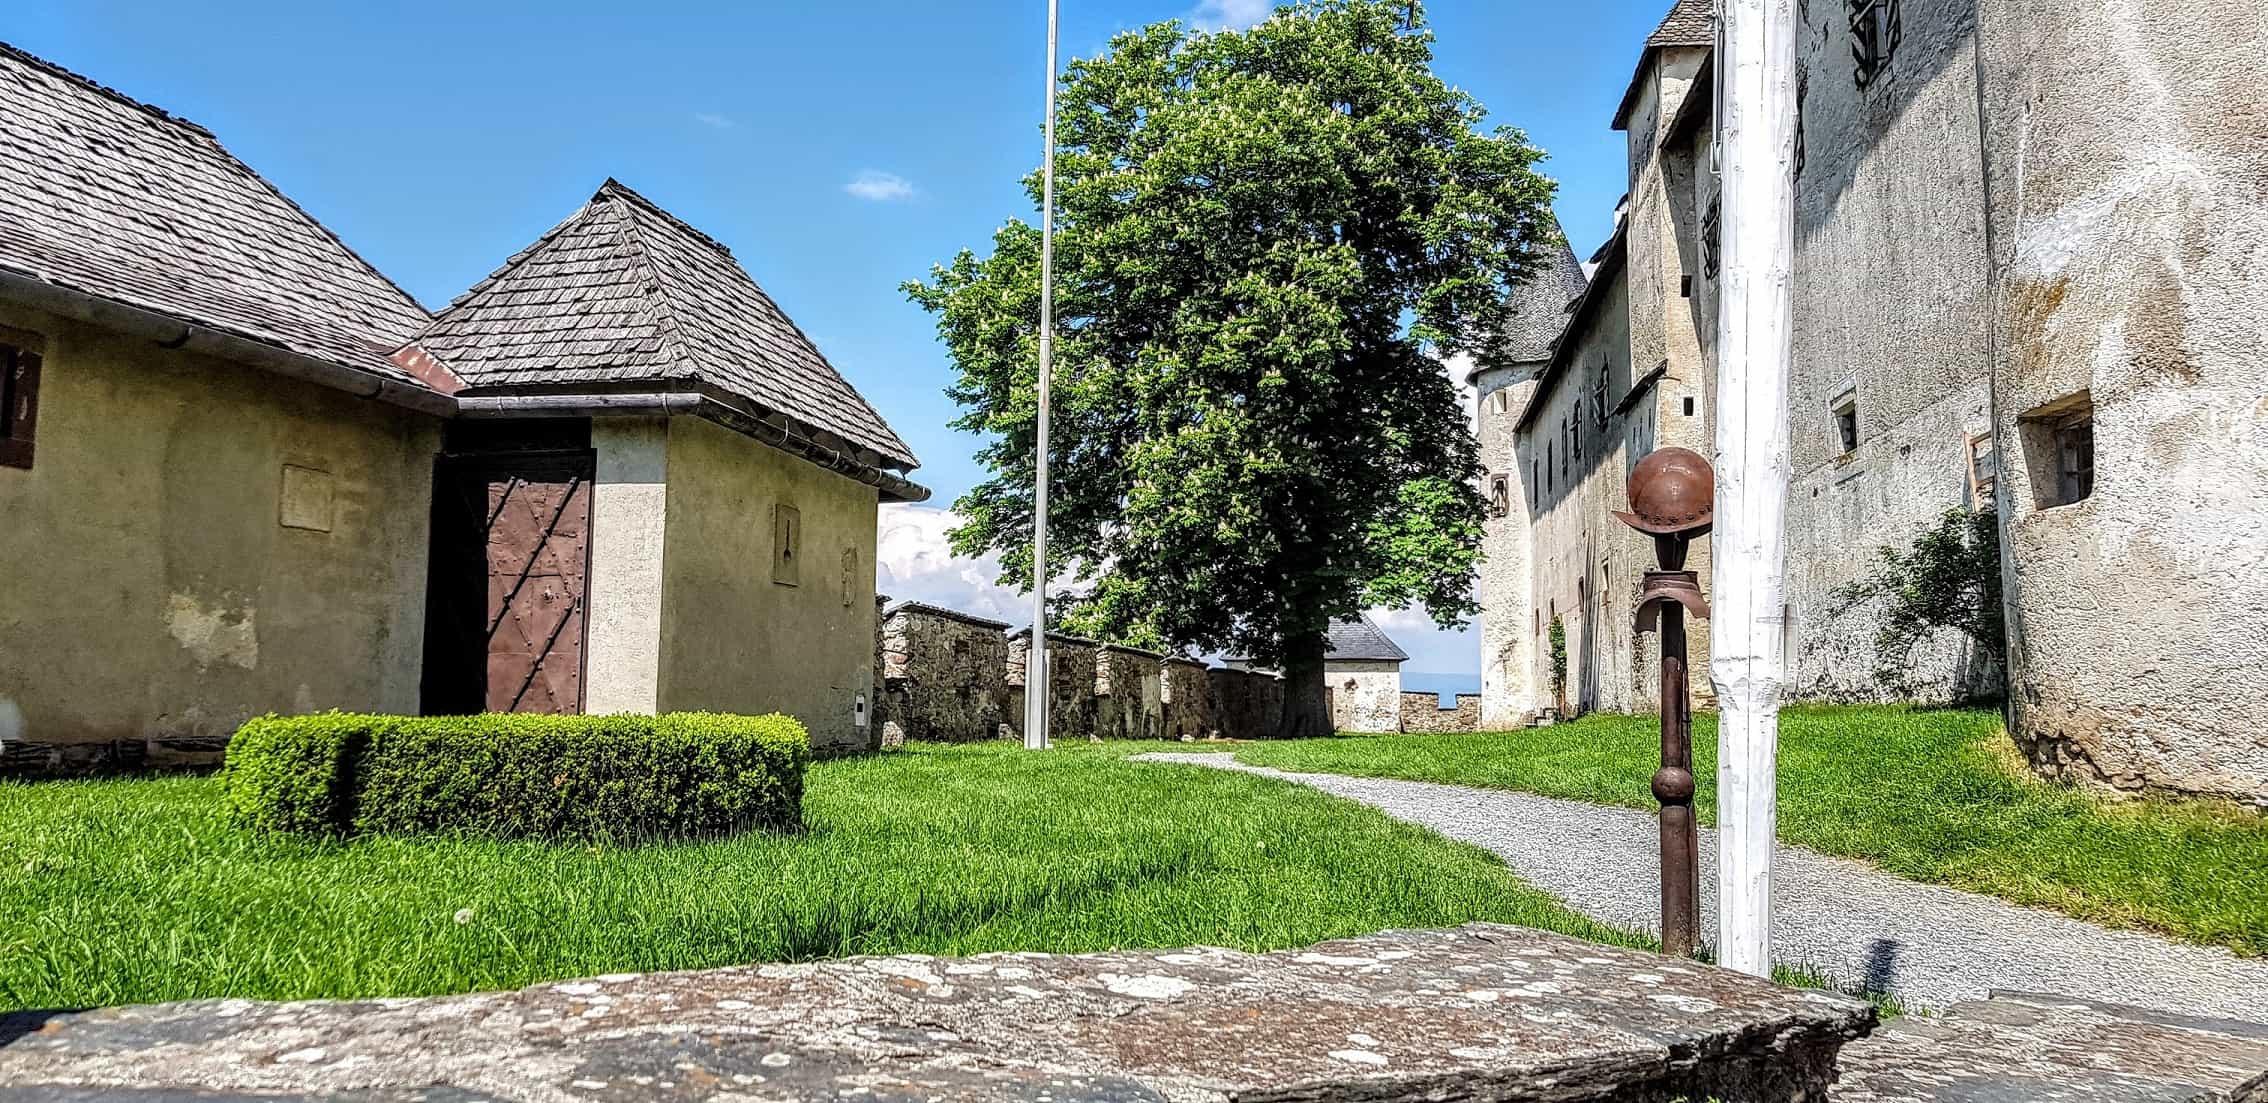 Mittelalterliche Burganlage Hochosterwitz in Kärnten